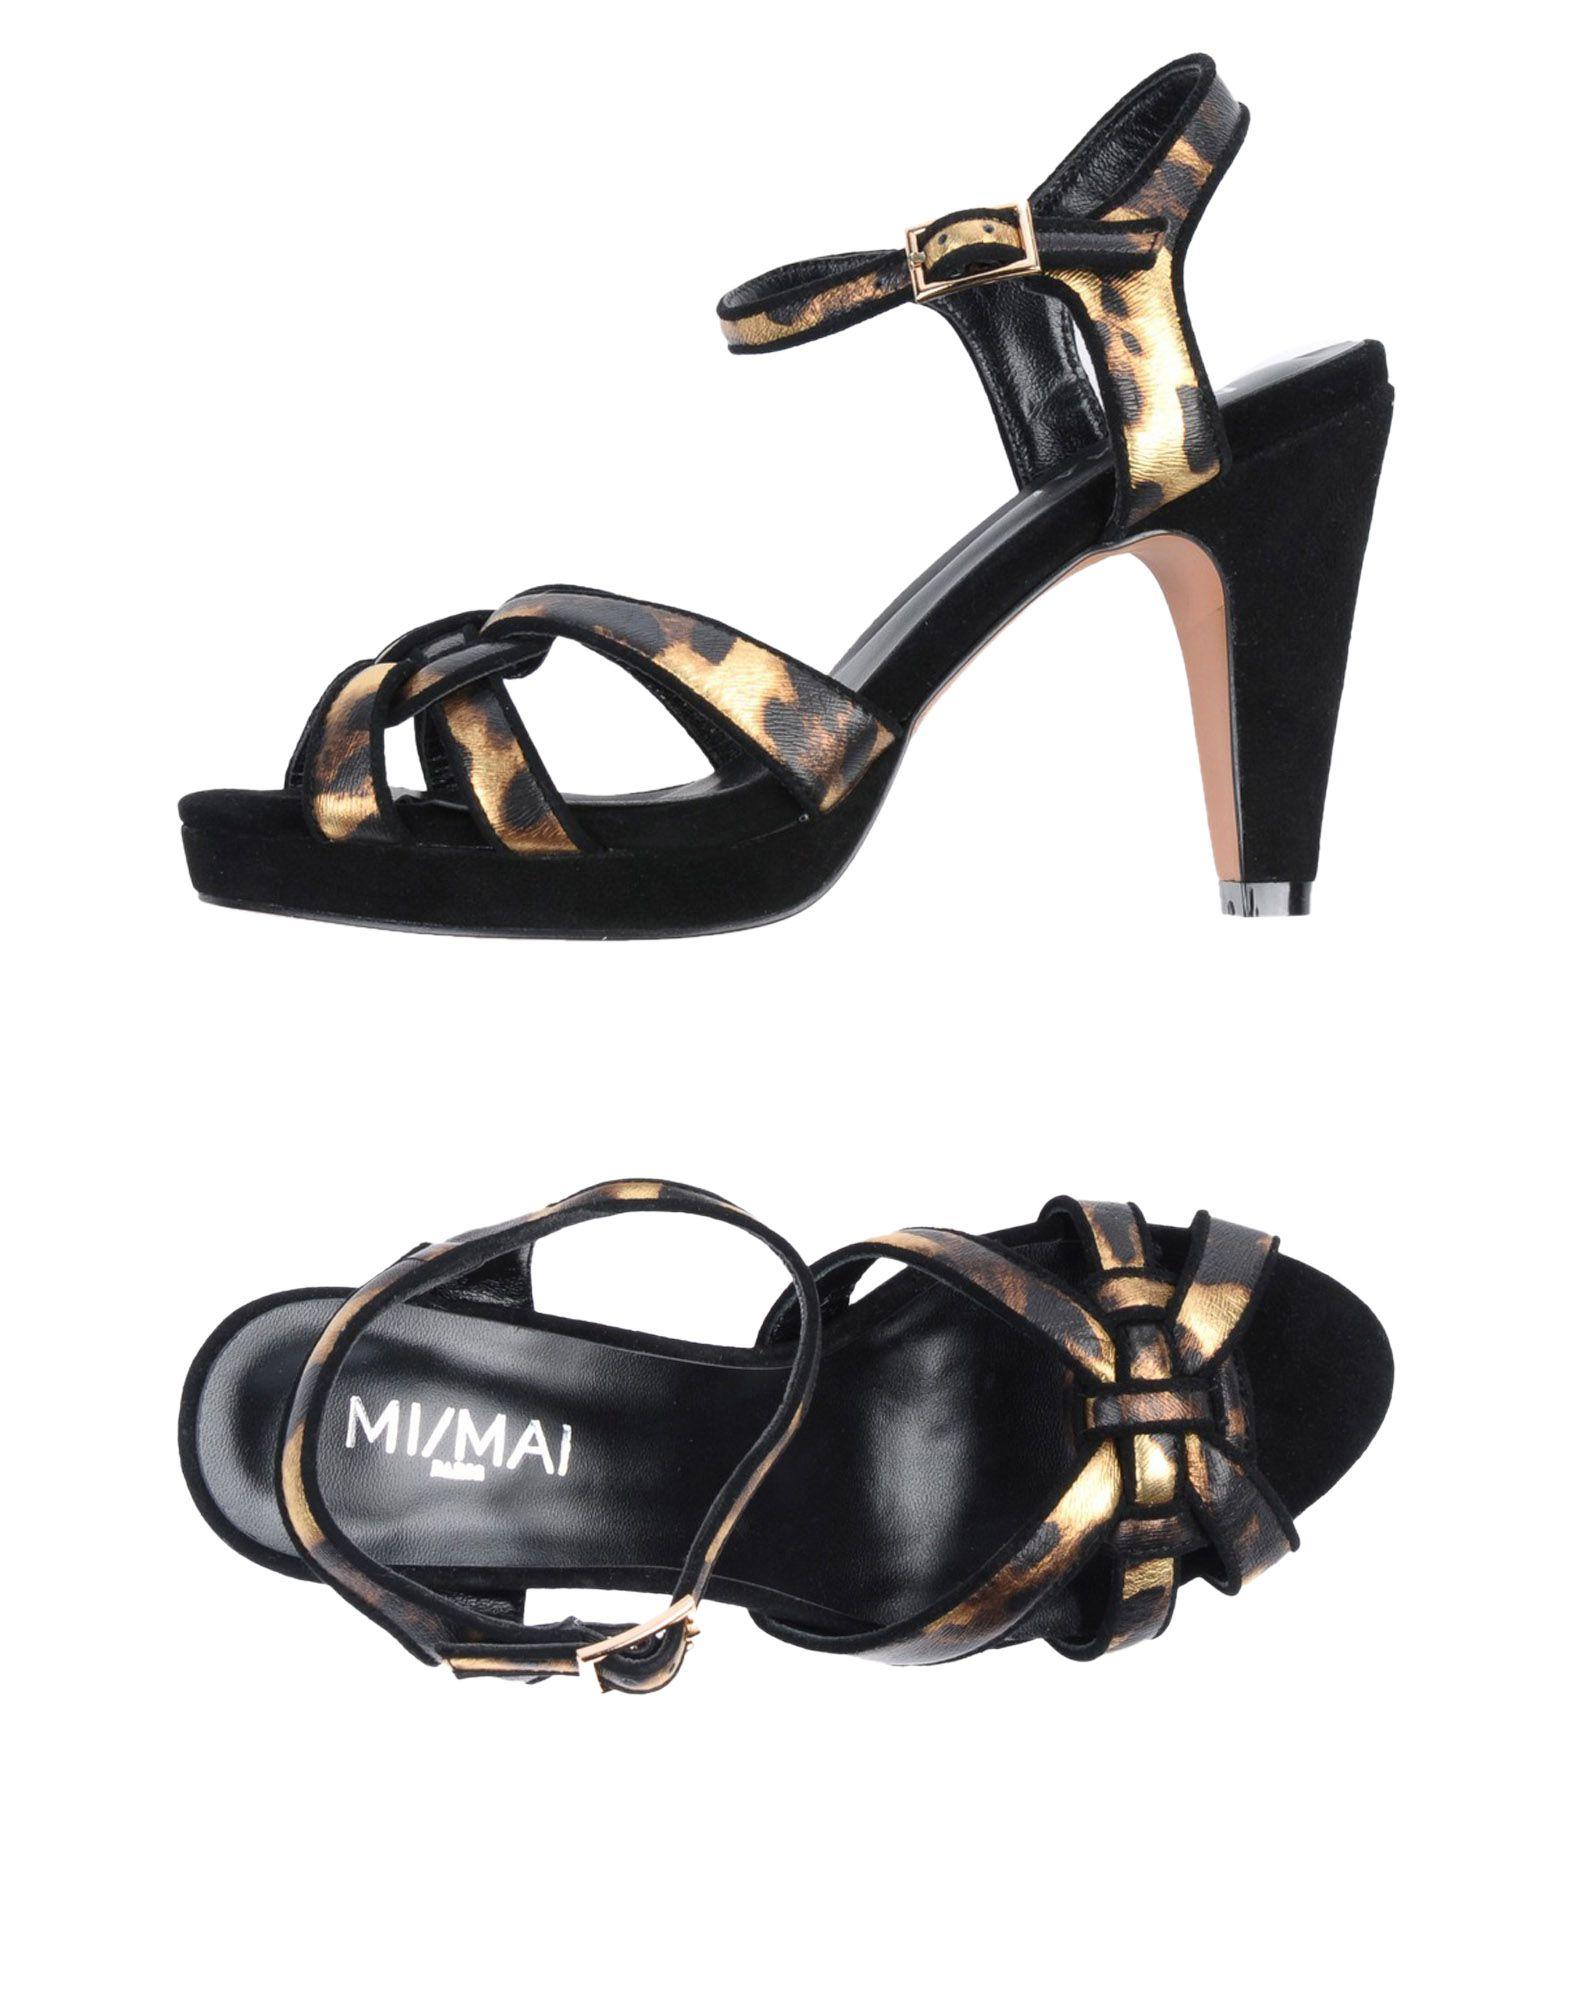 Moda Sandali Sandali Moda Mi/Mai Donna - 11409143SI 19cda6